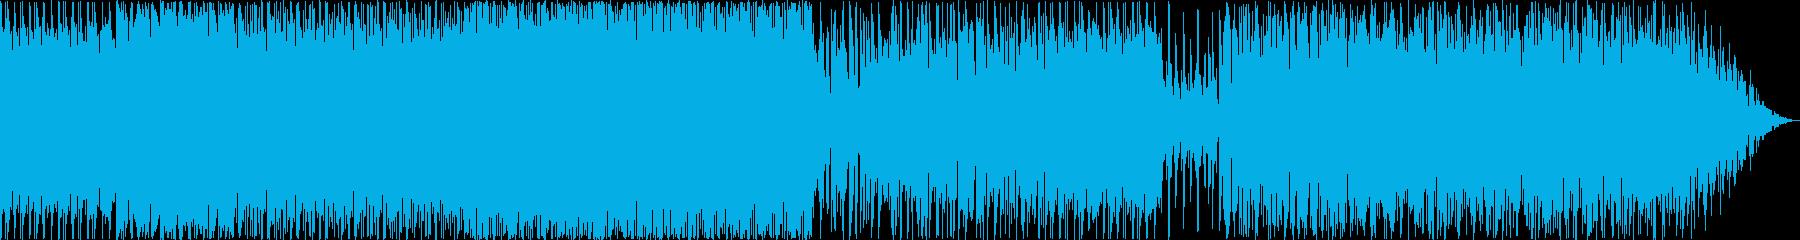 しかし、フォークファンク。フュージ...の再生済みの波形